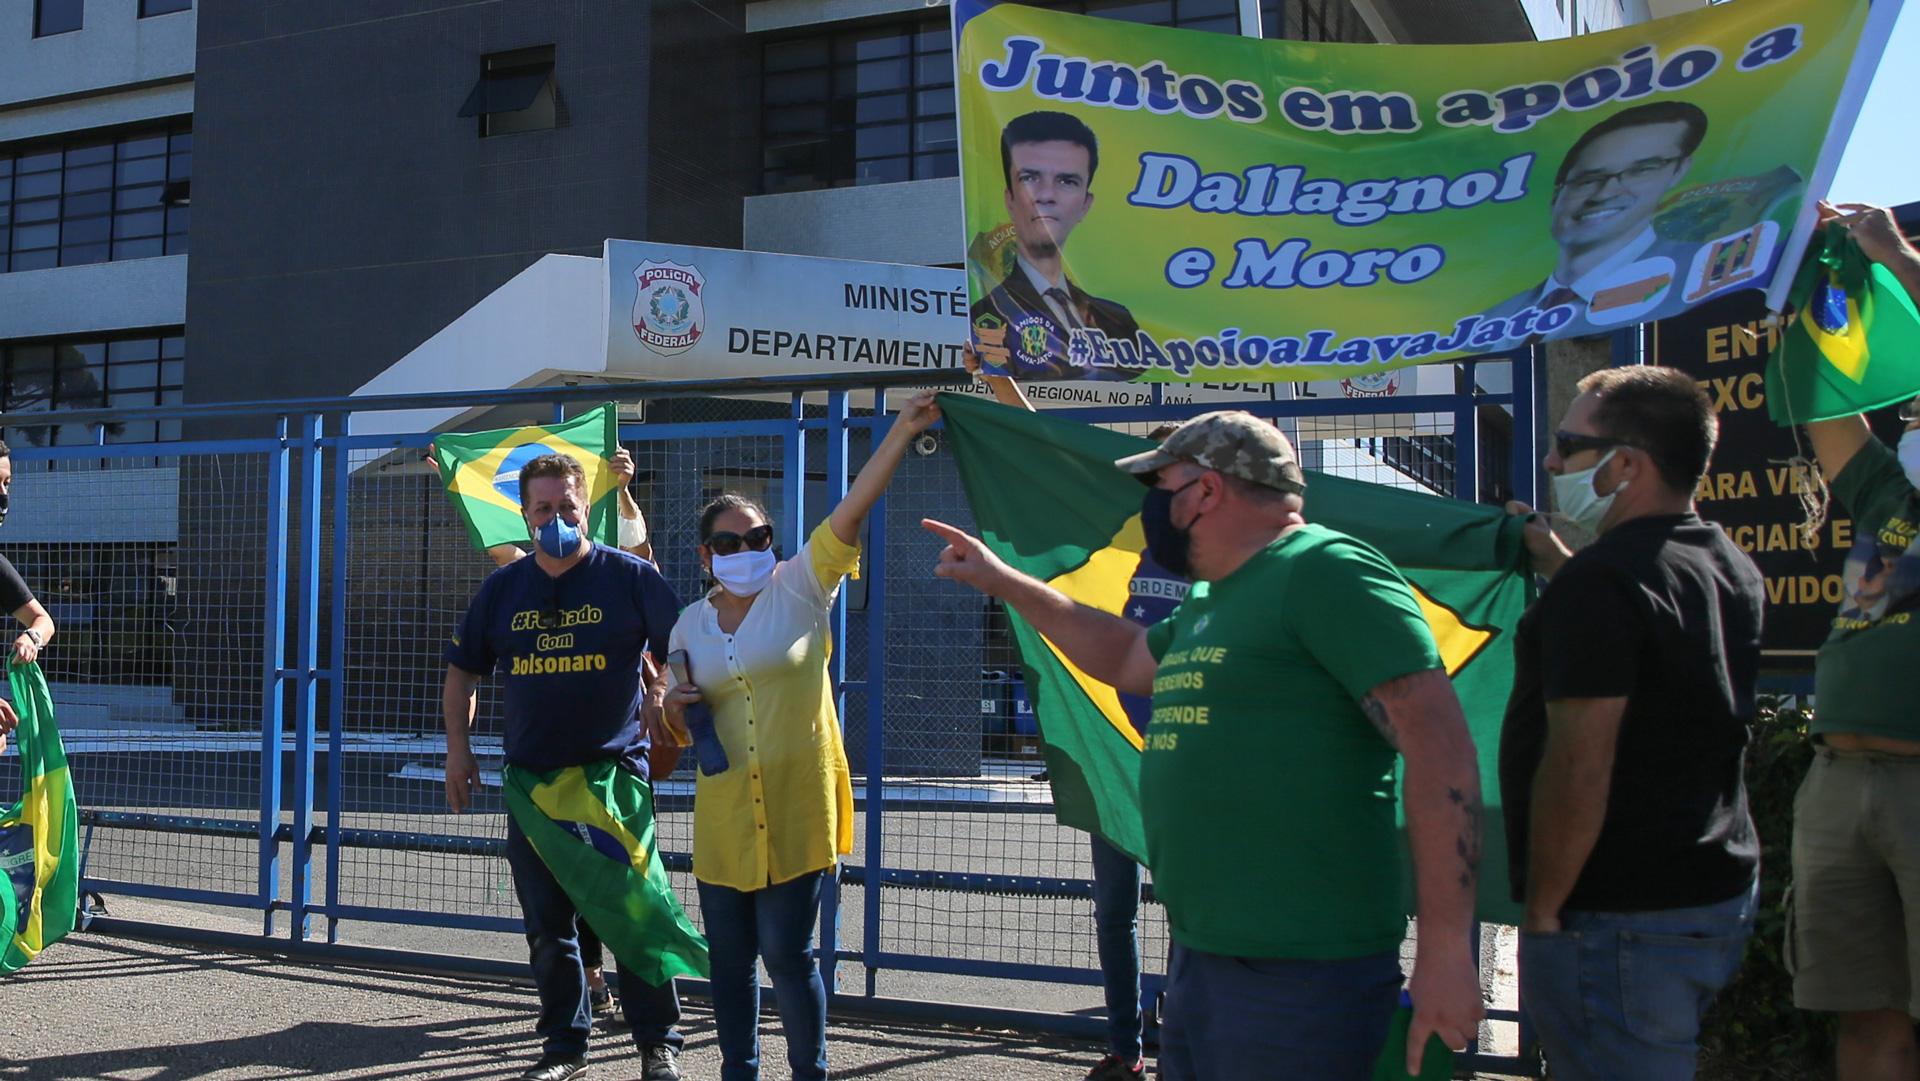 Manifestantes pró Moro e pró Bolsonaro manifestam em frente à PD de Curitiba.